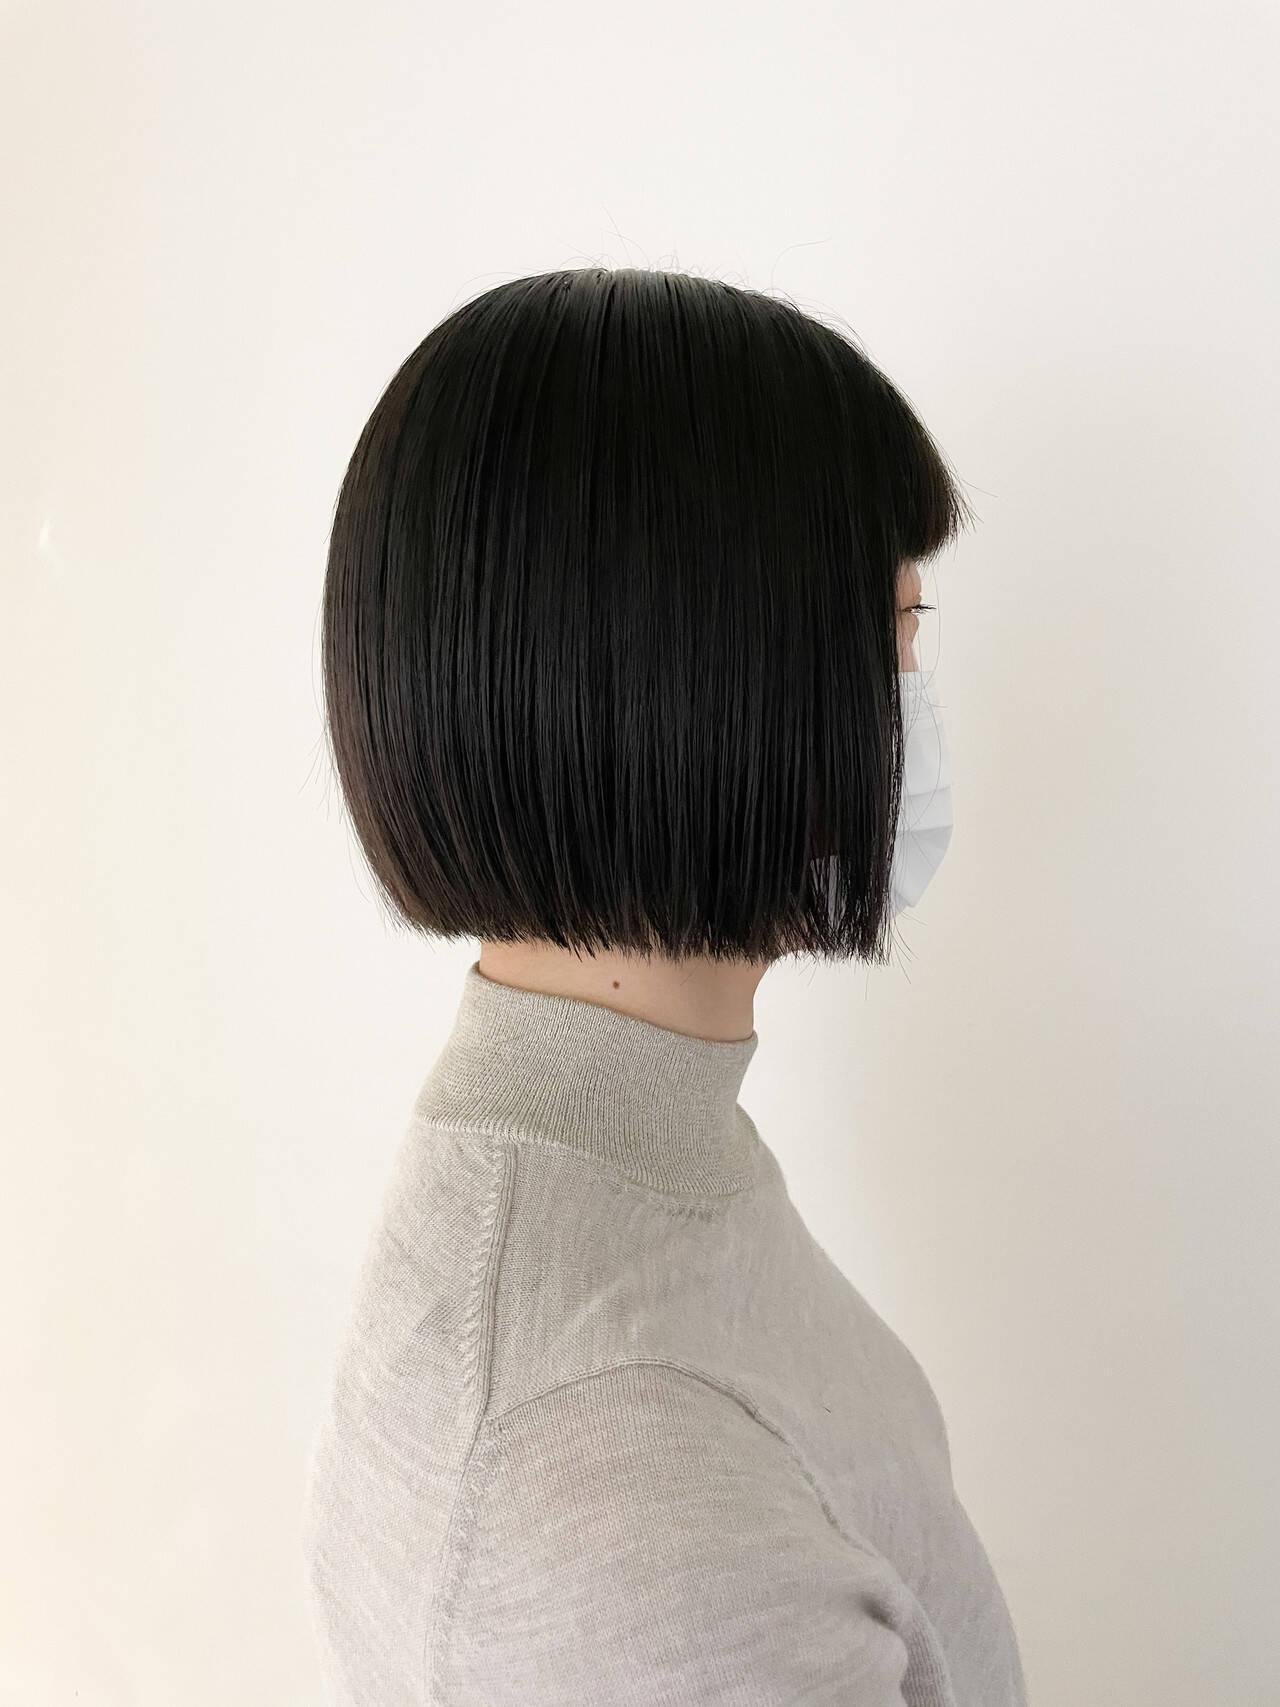 ナチュラル ショートヘア ミニボブ ベリーショートヘアスタイルや髪型の写真・画像